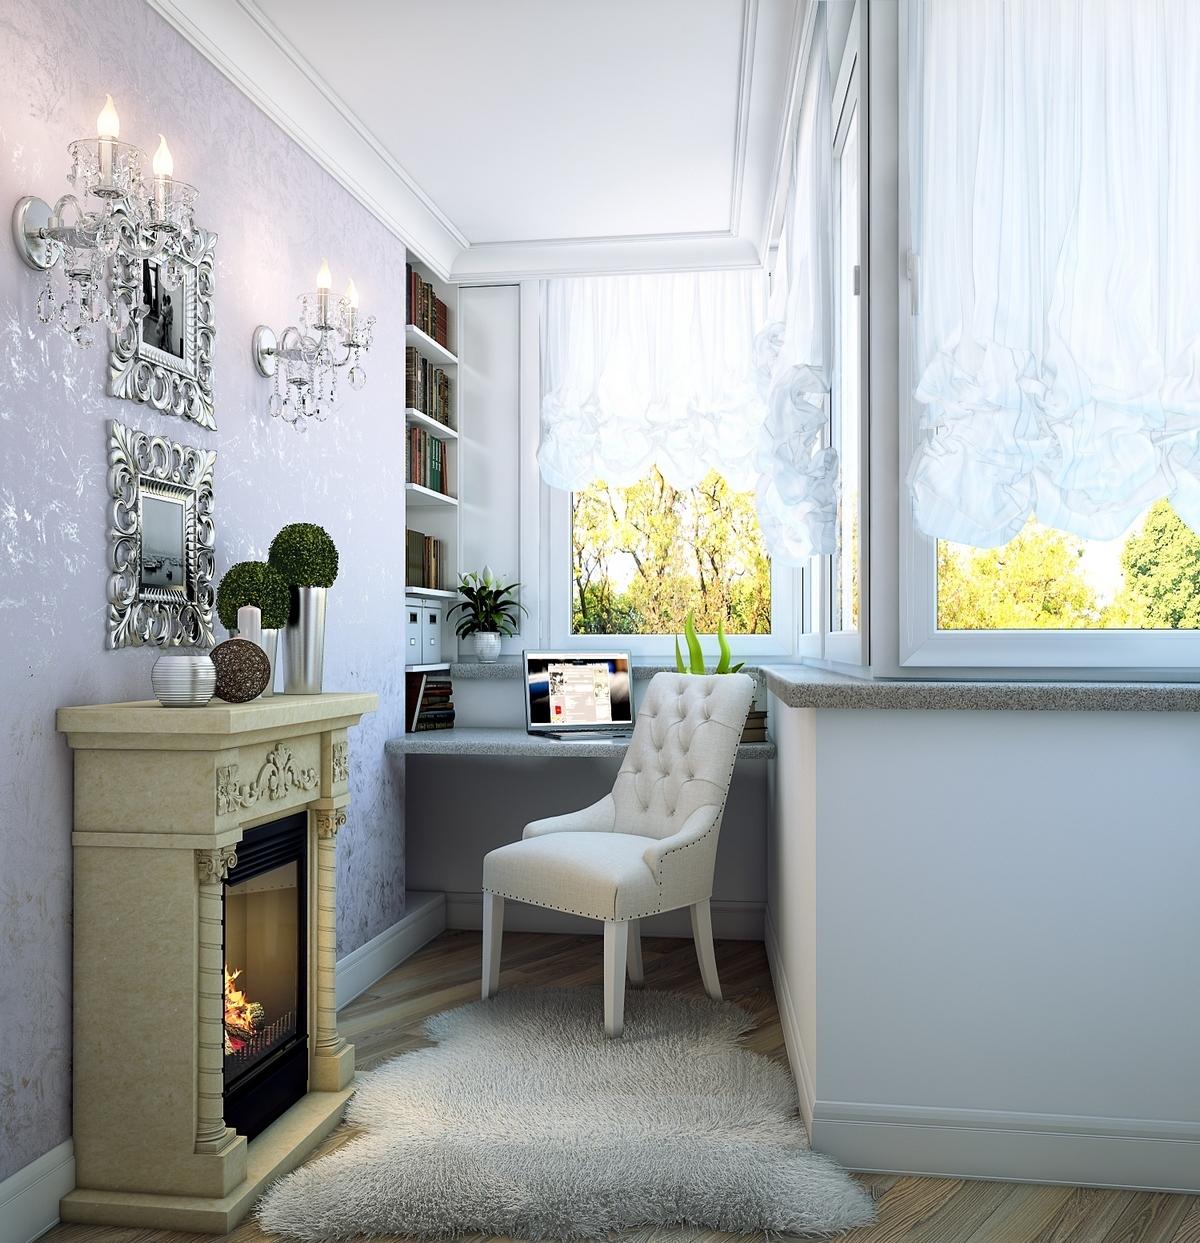 Оформление балкона и комнаты дожно быть в одном стиле и цвете. Это сделает пространство единым